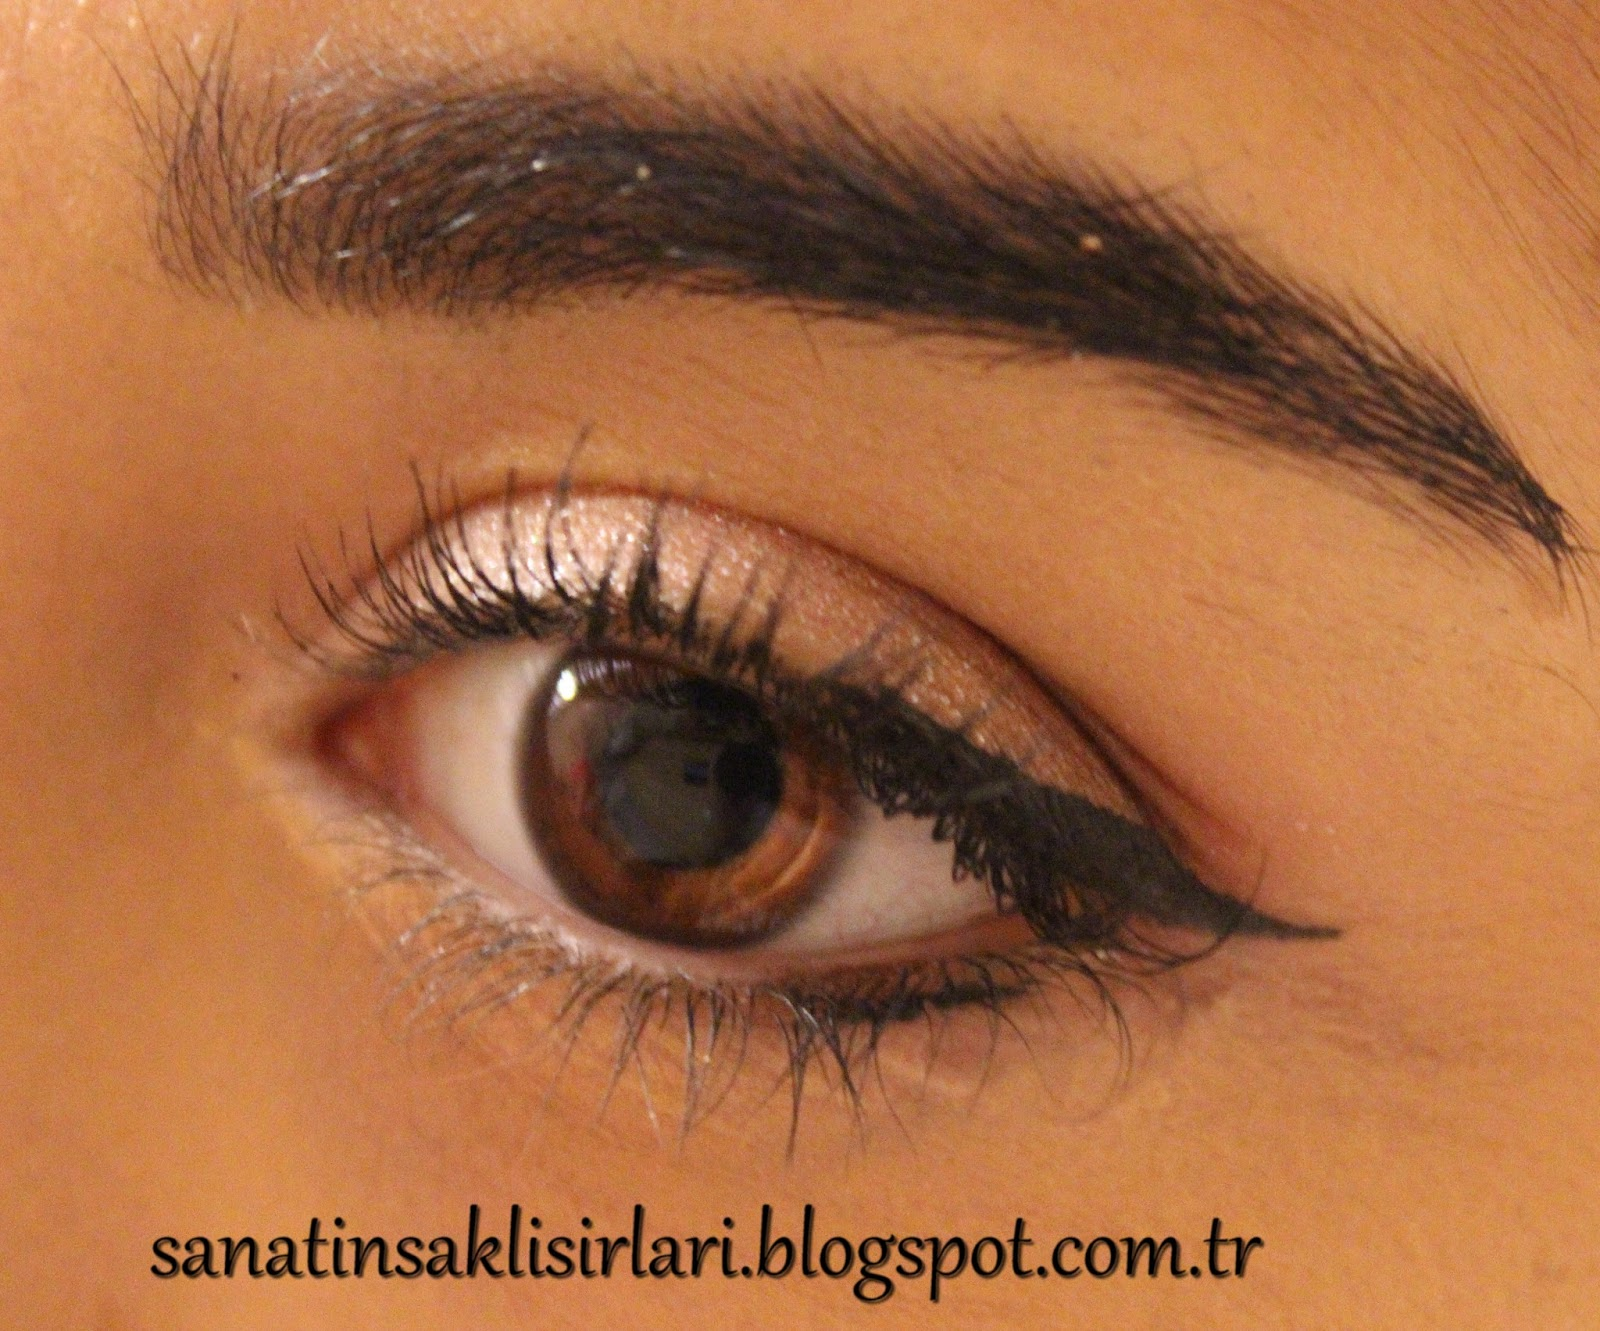 Yılbaşına Özel Göz Makyajınız